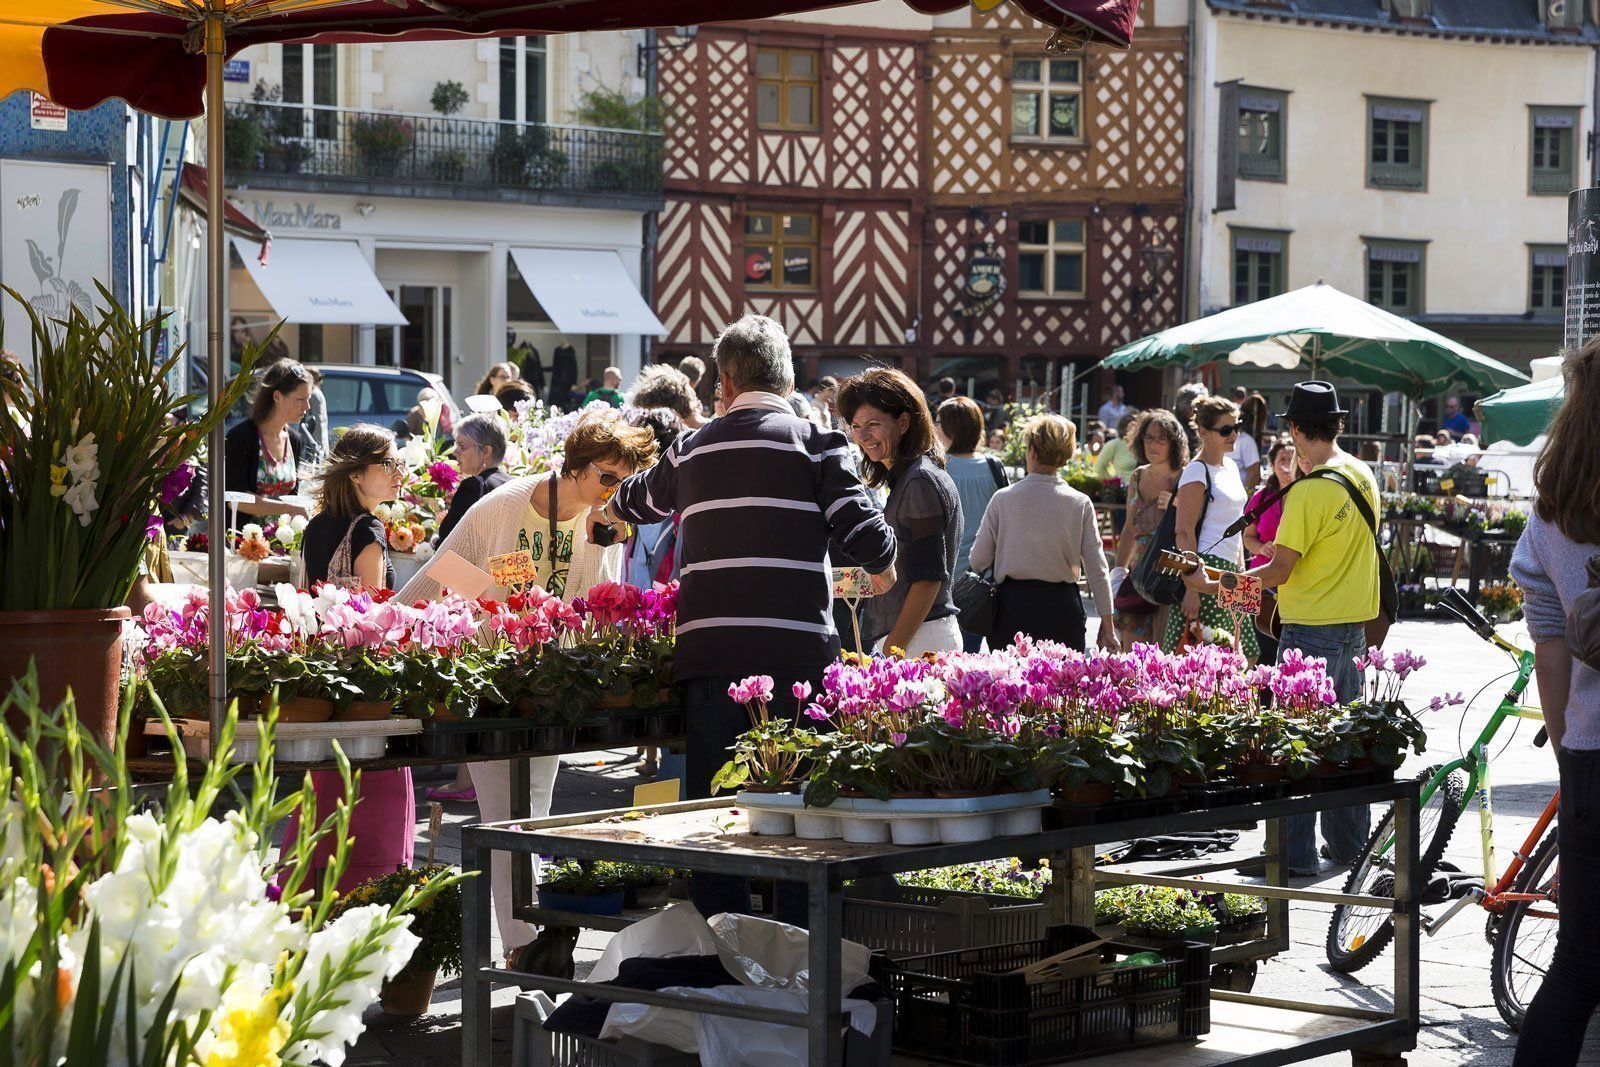 El mercado del Lices en Rennes